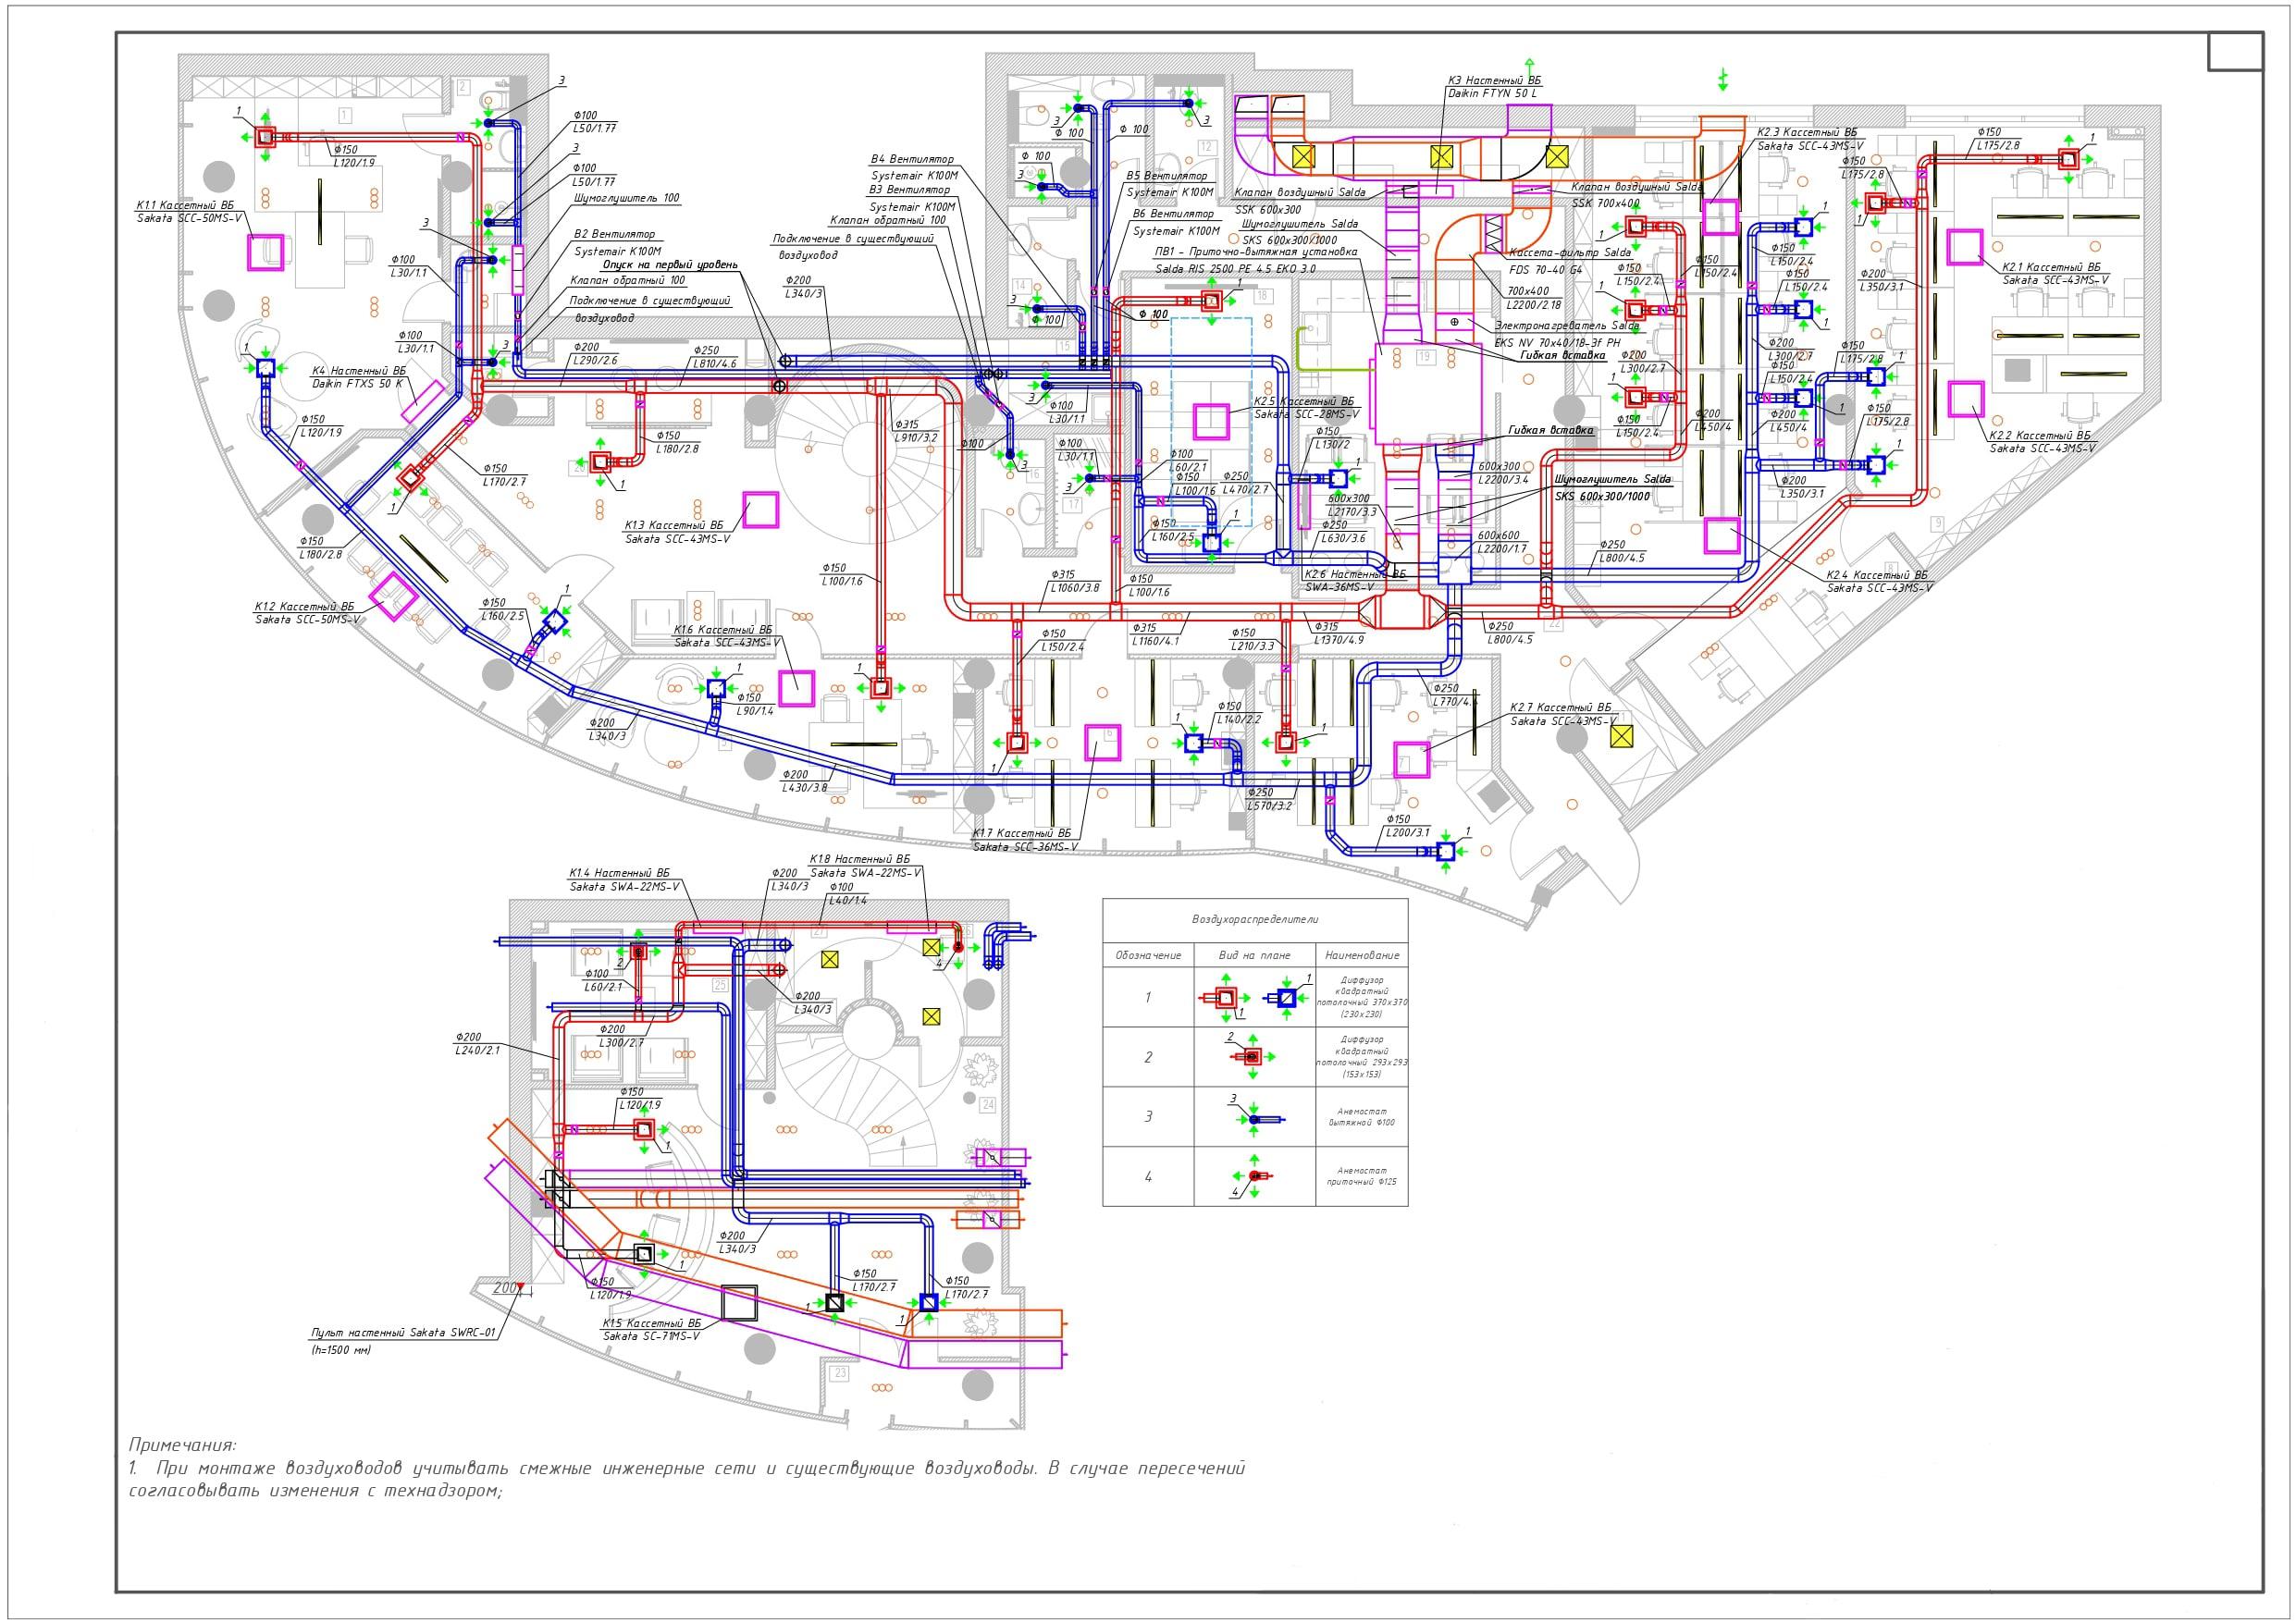 Організація вентиляції в офісі на базі Salda RIS 2500